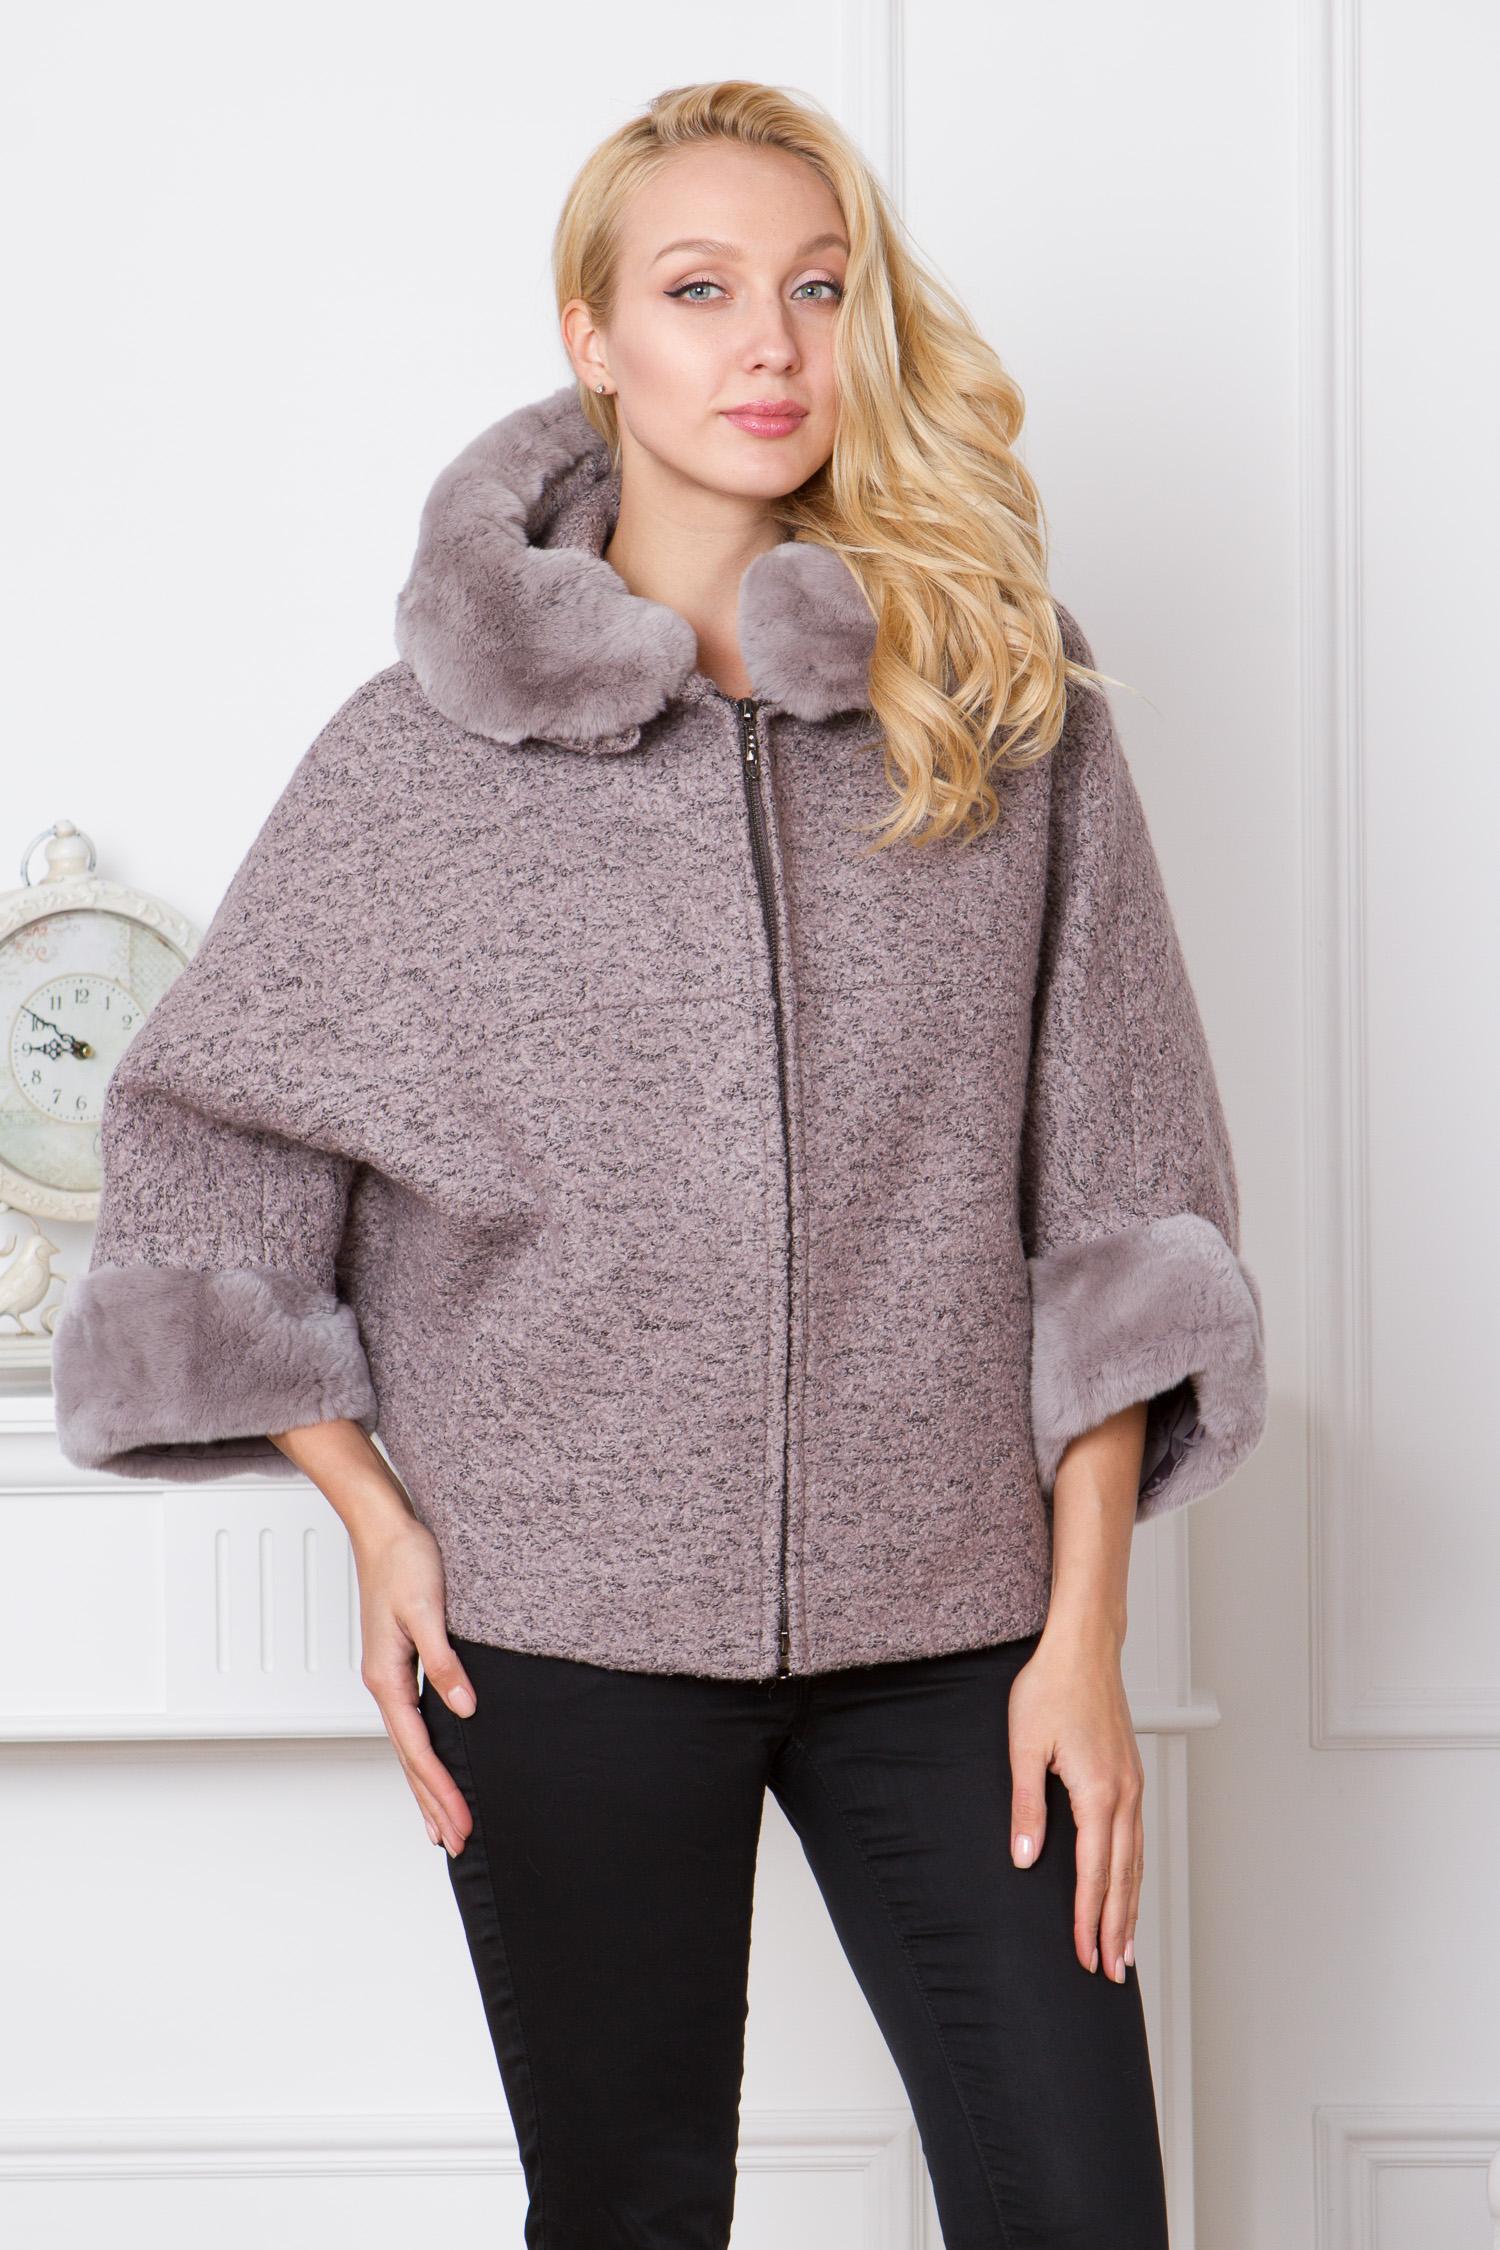 Женское пальто с капюшоном, отделка кролик<br><br>Воротник: капюшон<br>Длина см: Короткая (51-74 )<br>Материал: Текстиль<br>Цвет: бежевый<br>Вид застежки: центральная<br>Застежка: на молнии<br>Пол: Женский<br>Размер RU: 52